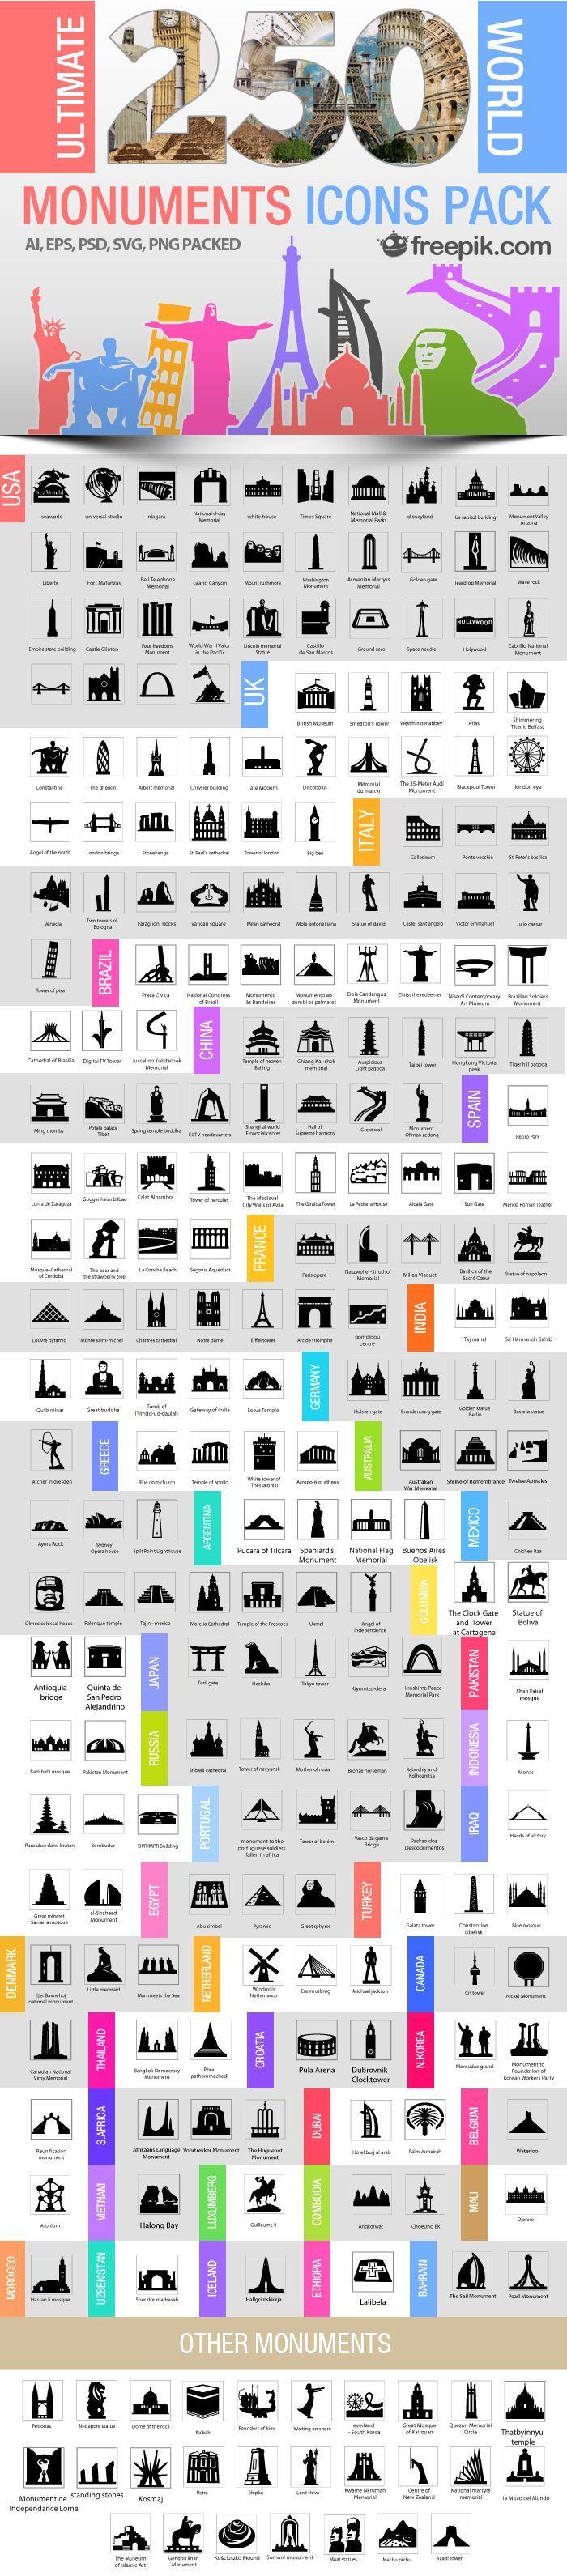 12 packs d u0026 39 icons gratuits  u00e0 t u00e9l u00e9charger autour du voyage et des transports